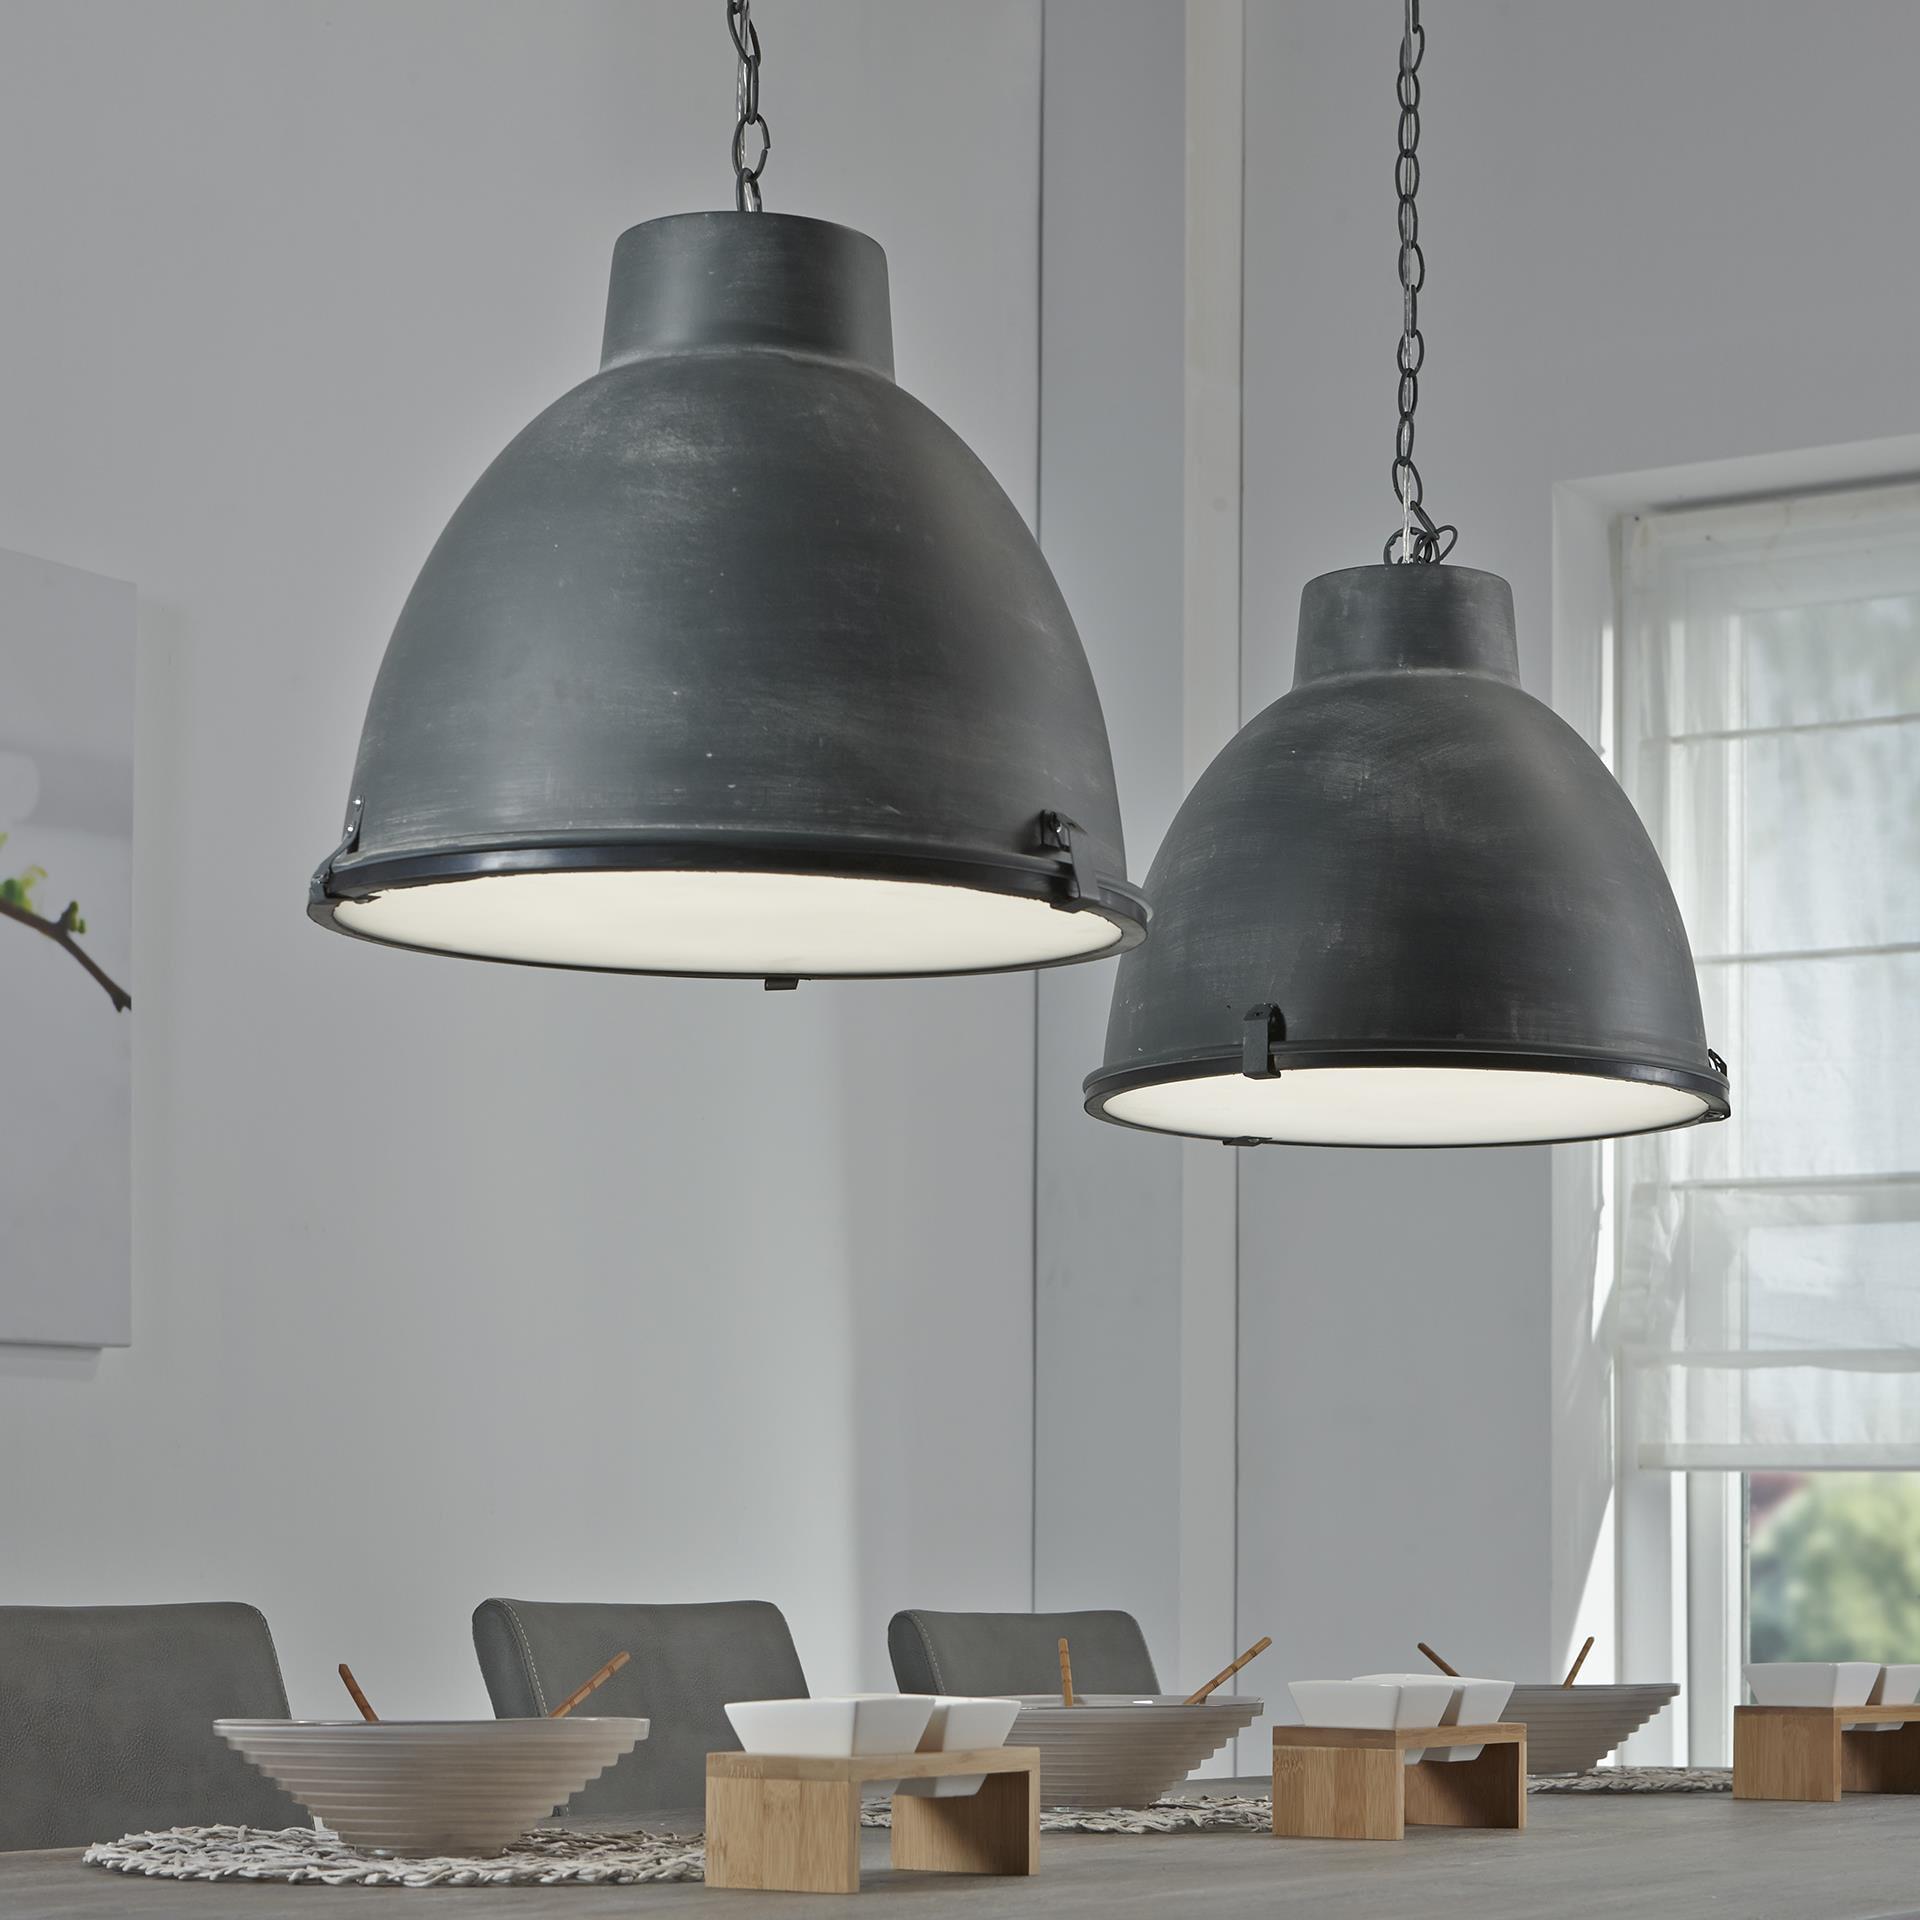 Industriële Hanglamp 'Brigida' met dubbele kap, kleur grijs Verlichting | Hanglampen vergelijken doe je het voordeligst hier bij Meubelpartner